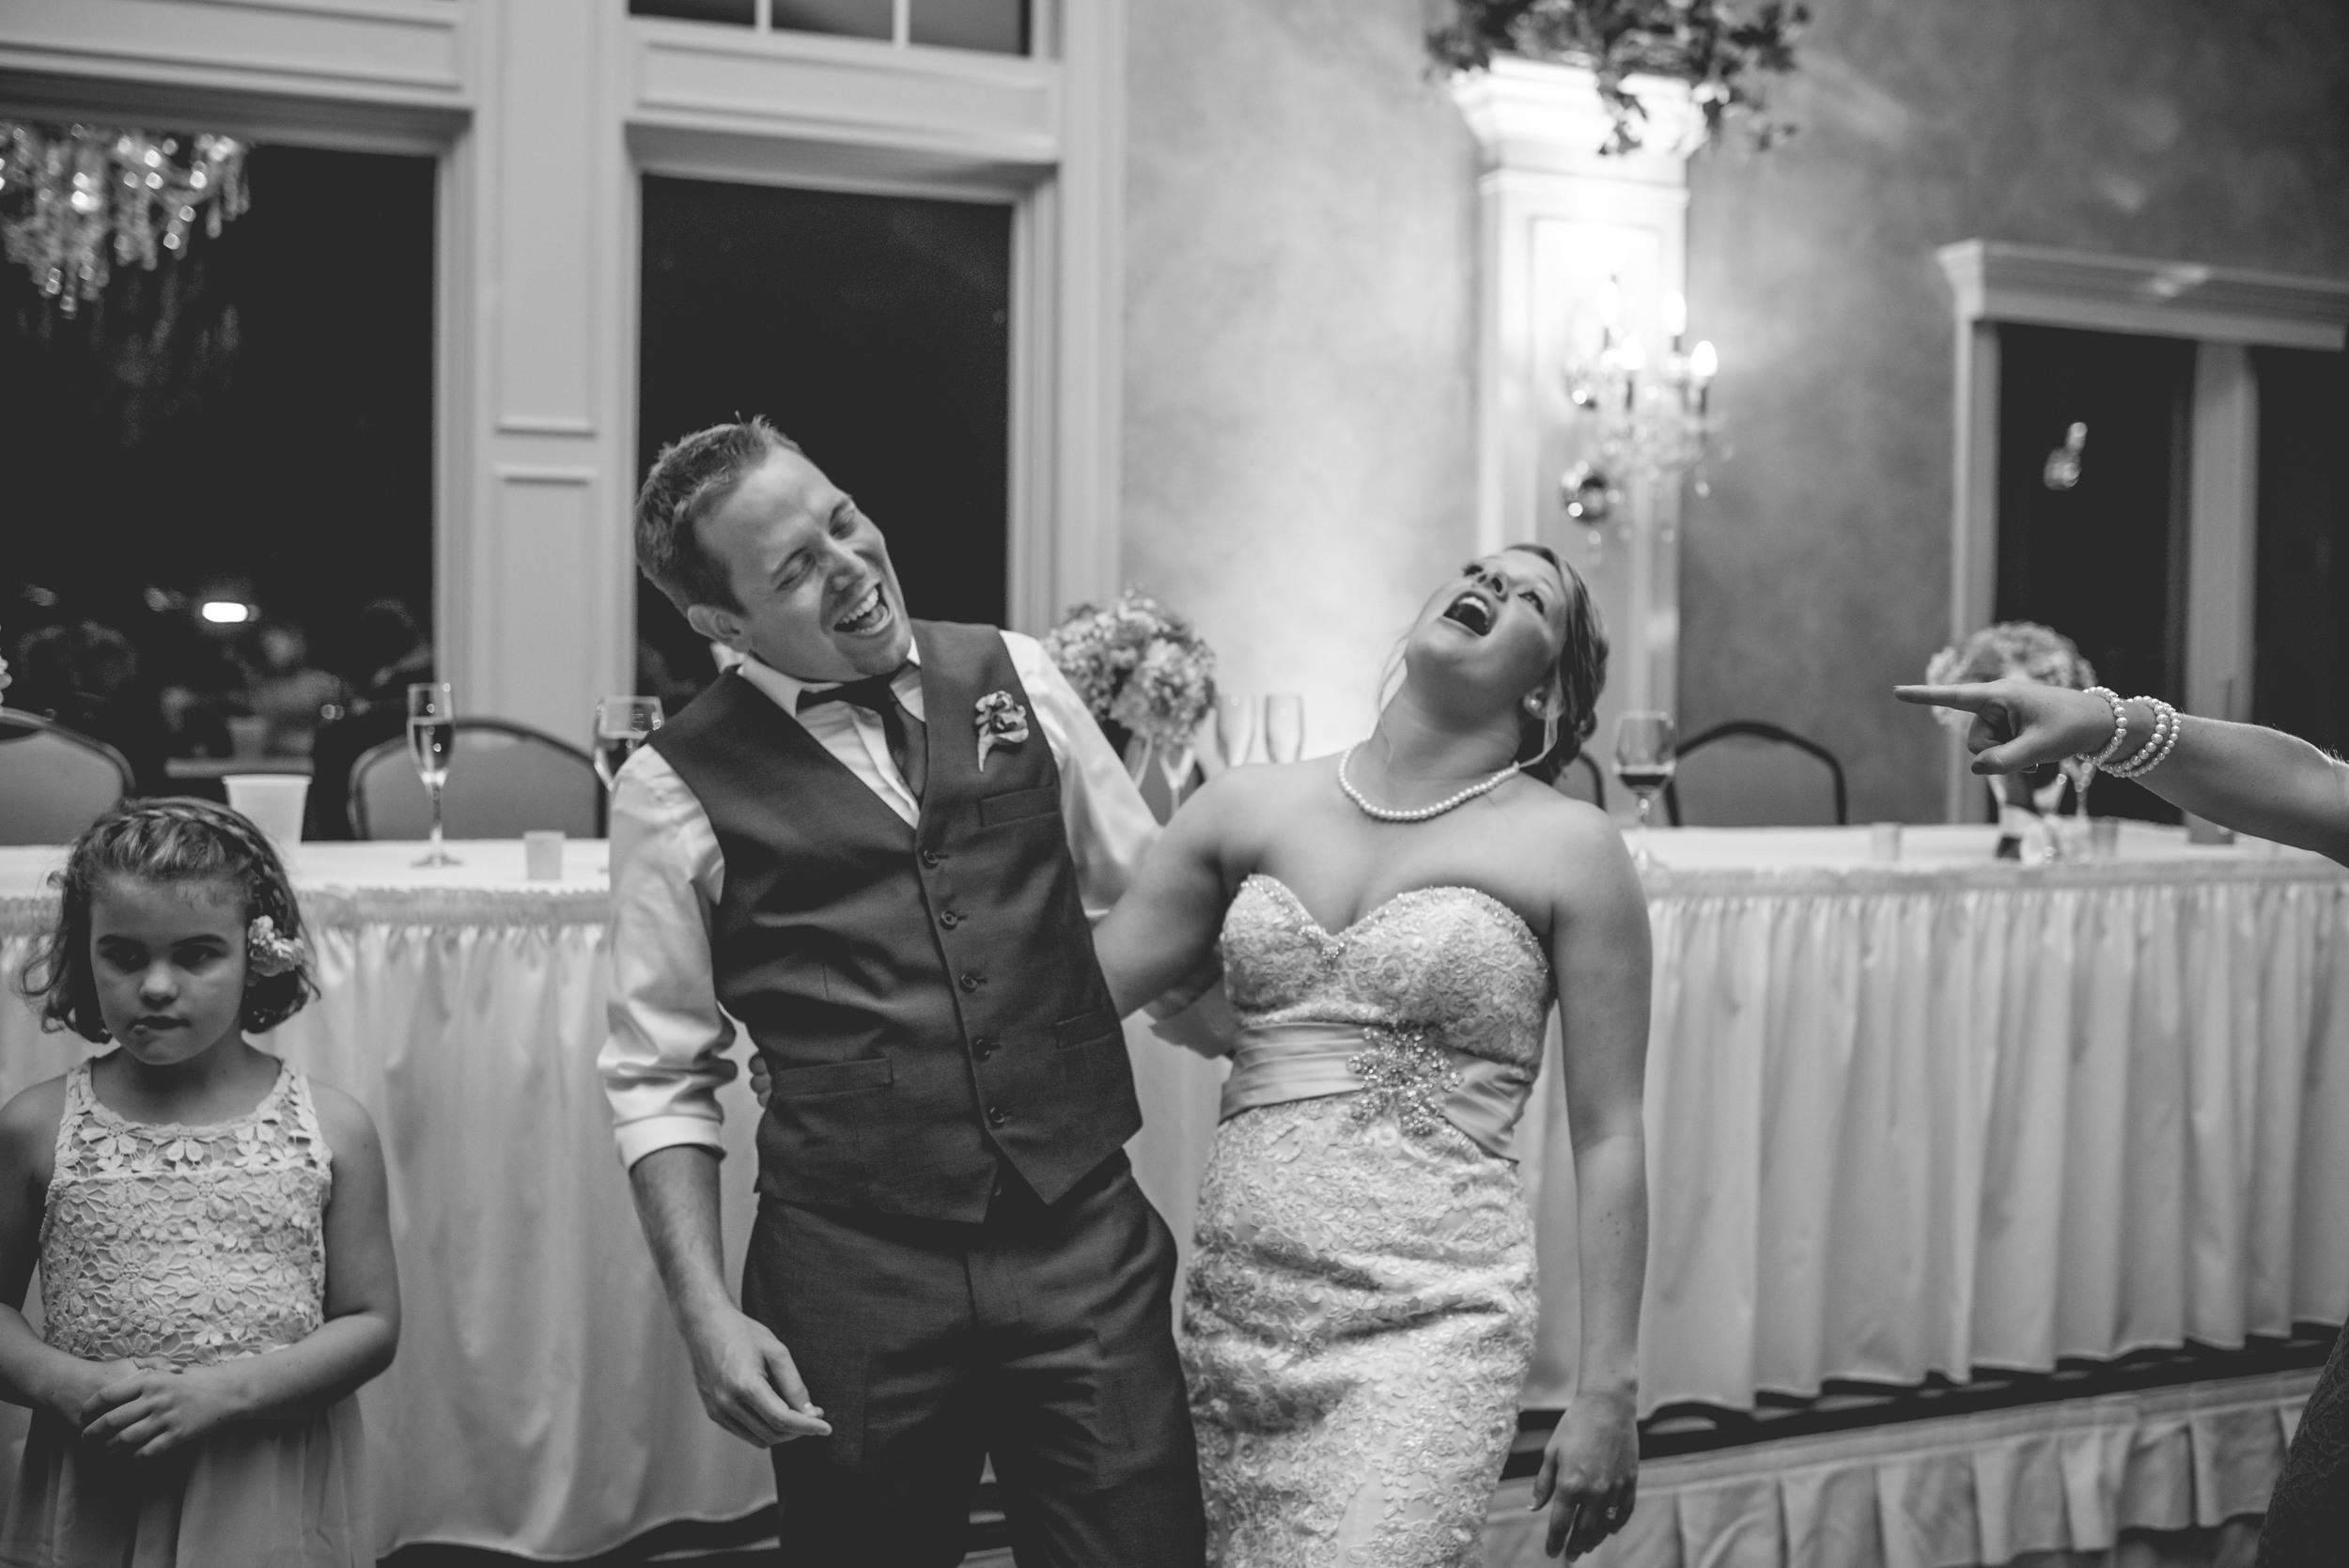 sarasutterphotography_wedding_drewanderin_2015-1866.jpg